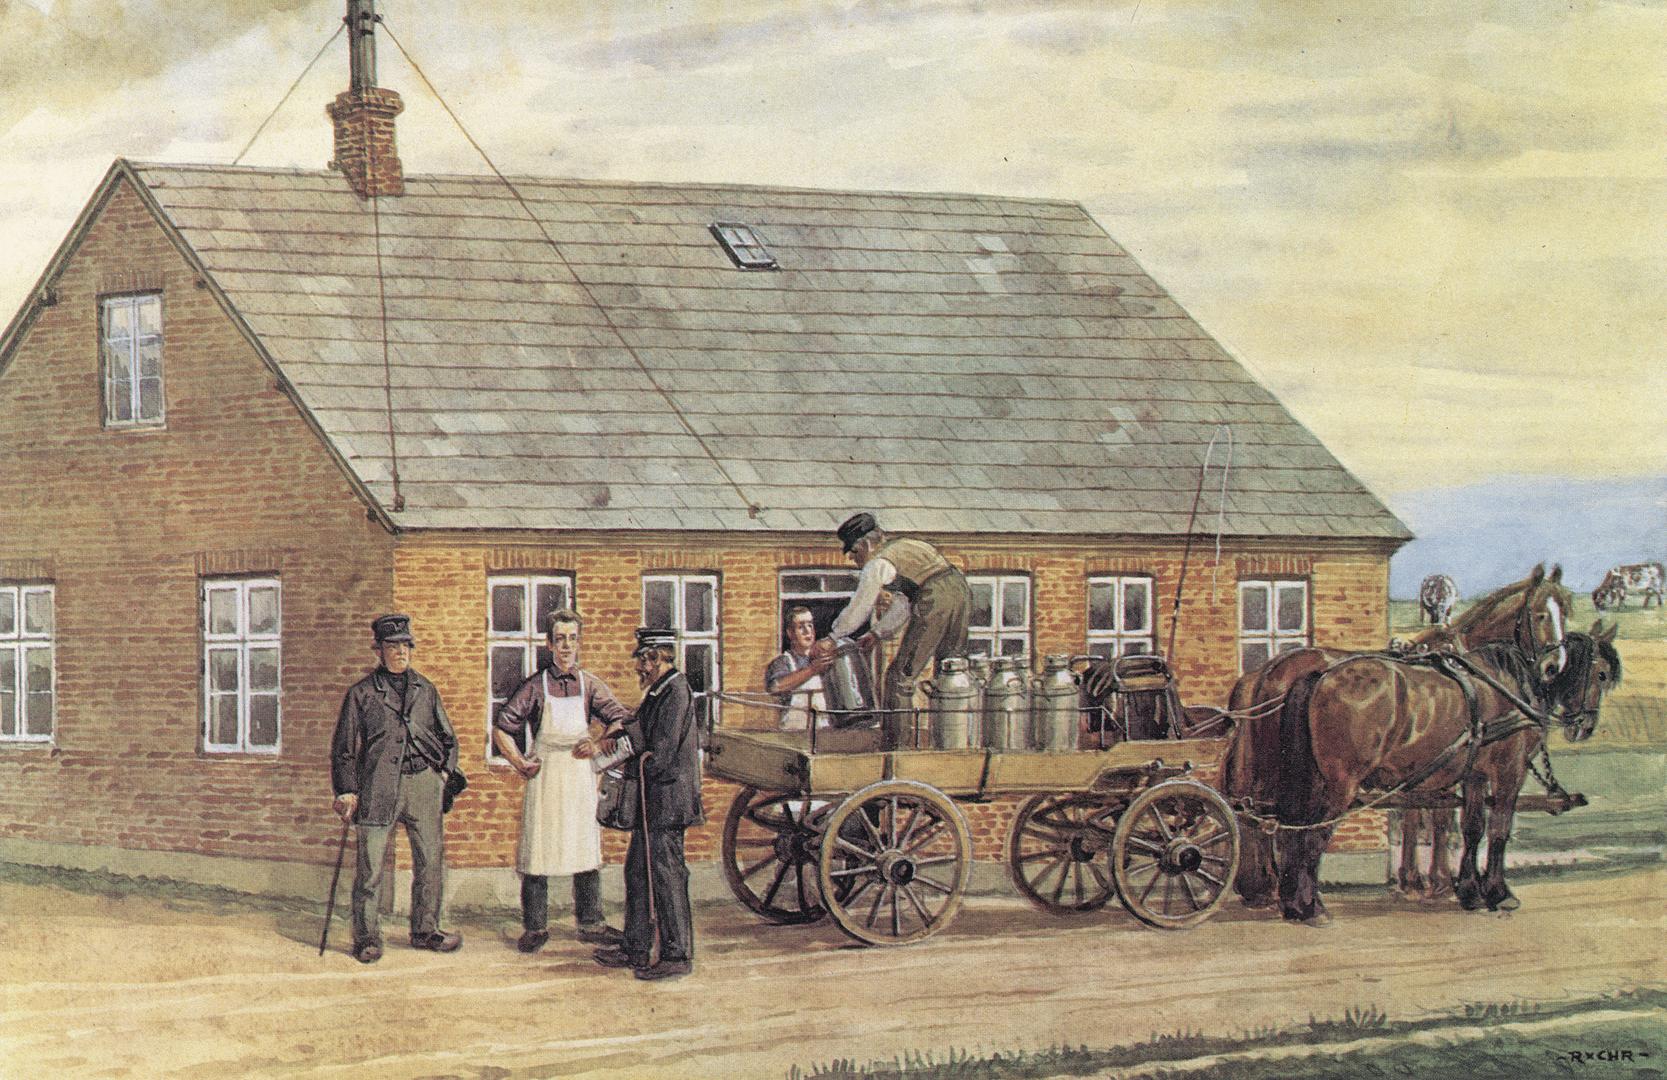 Det første andelsmejeri Hjedding, Ølgod sogn ved Varde i Vestjylland. Akvarel fra 1932 af Rasmus Christiansen (1863 - 1940).